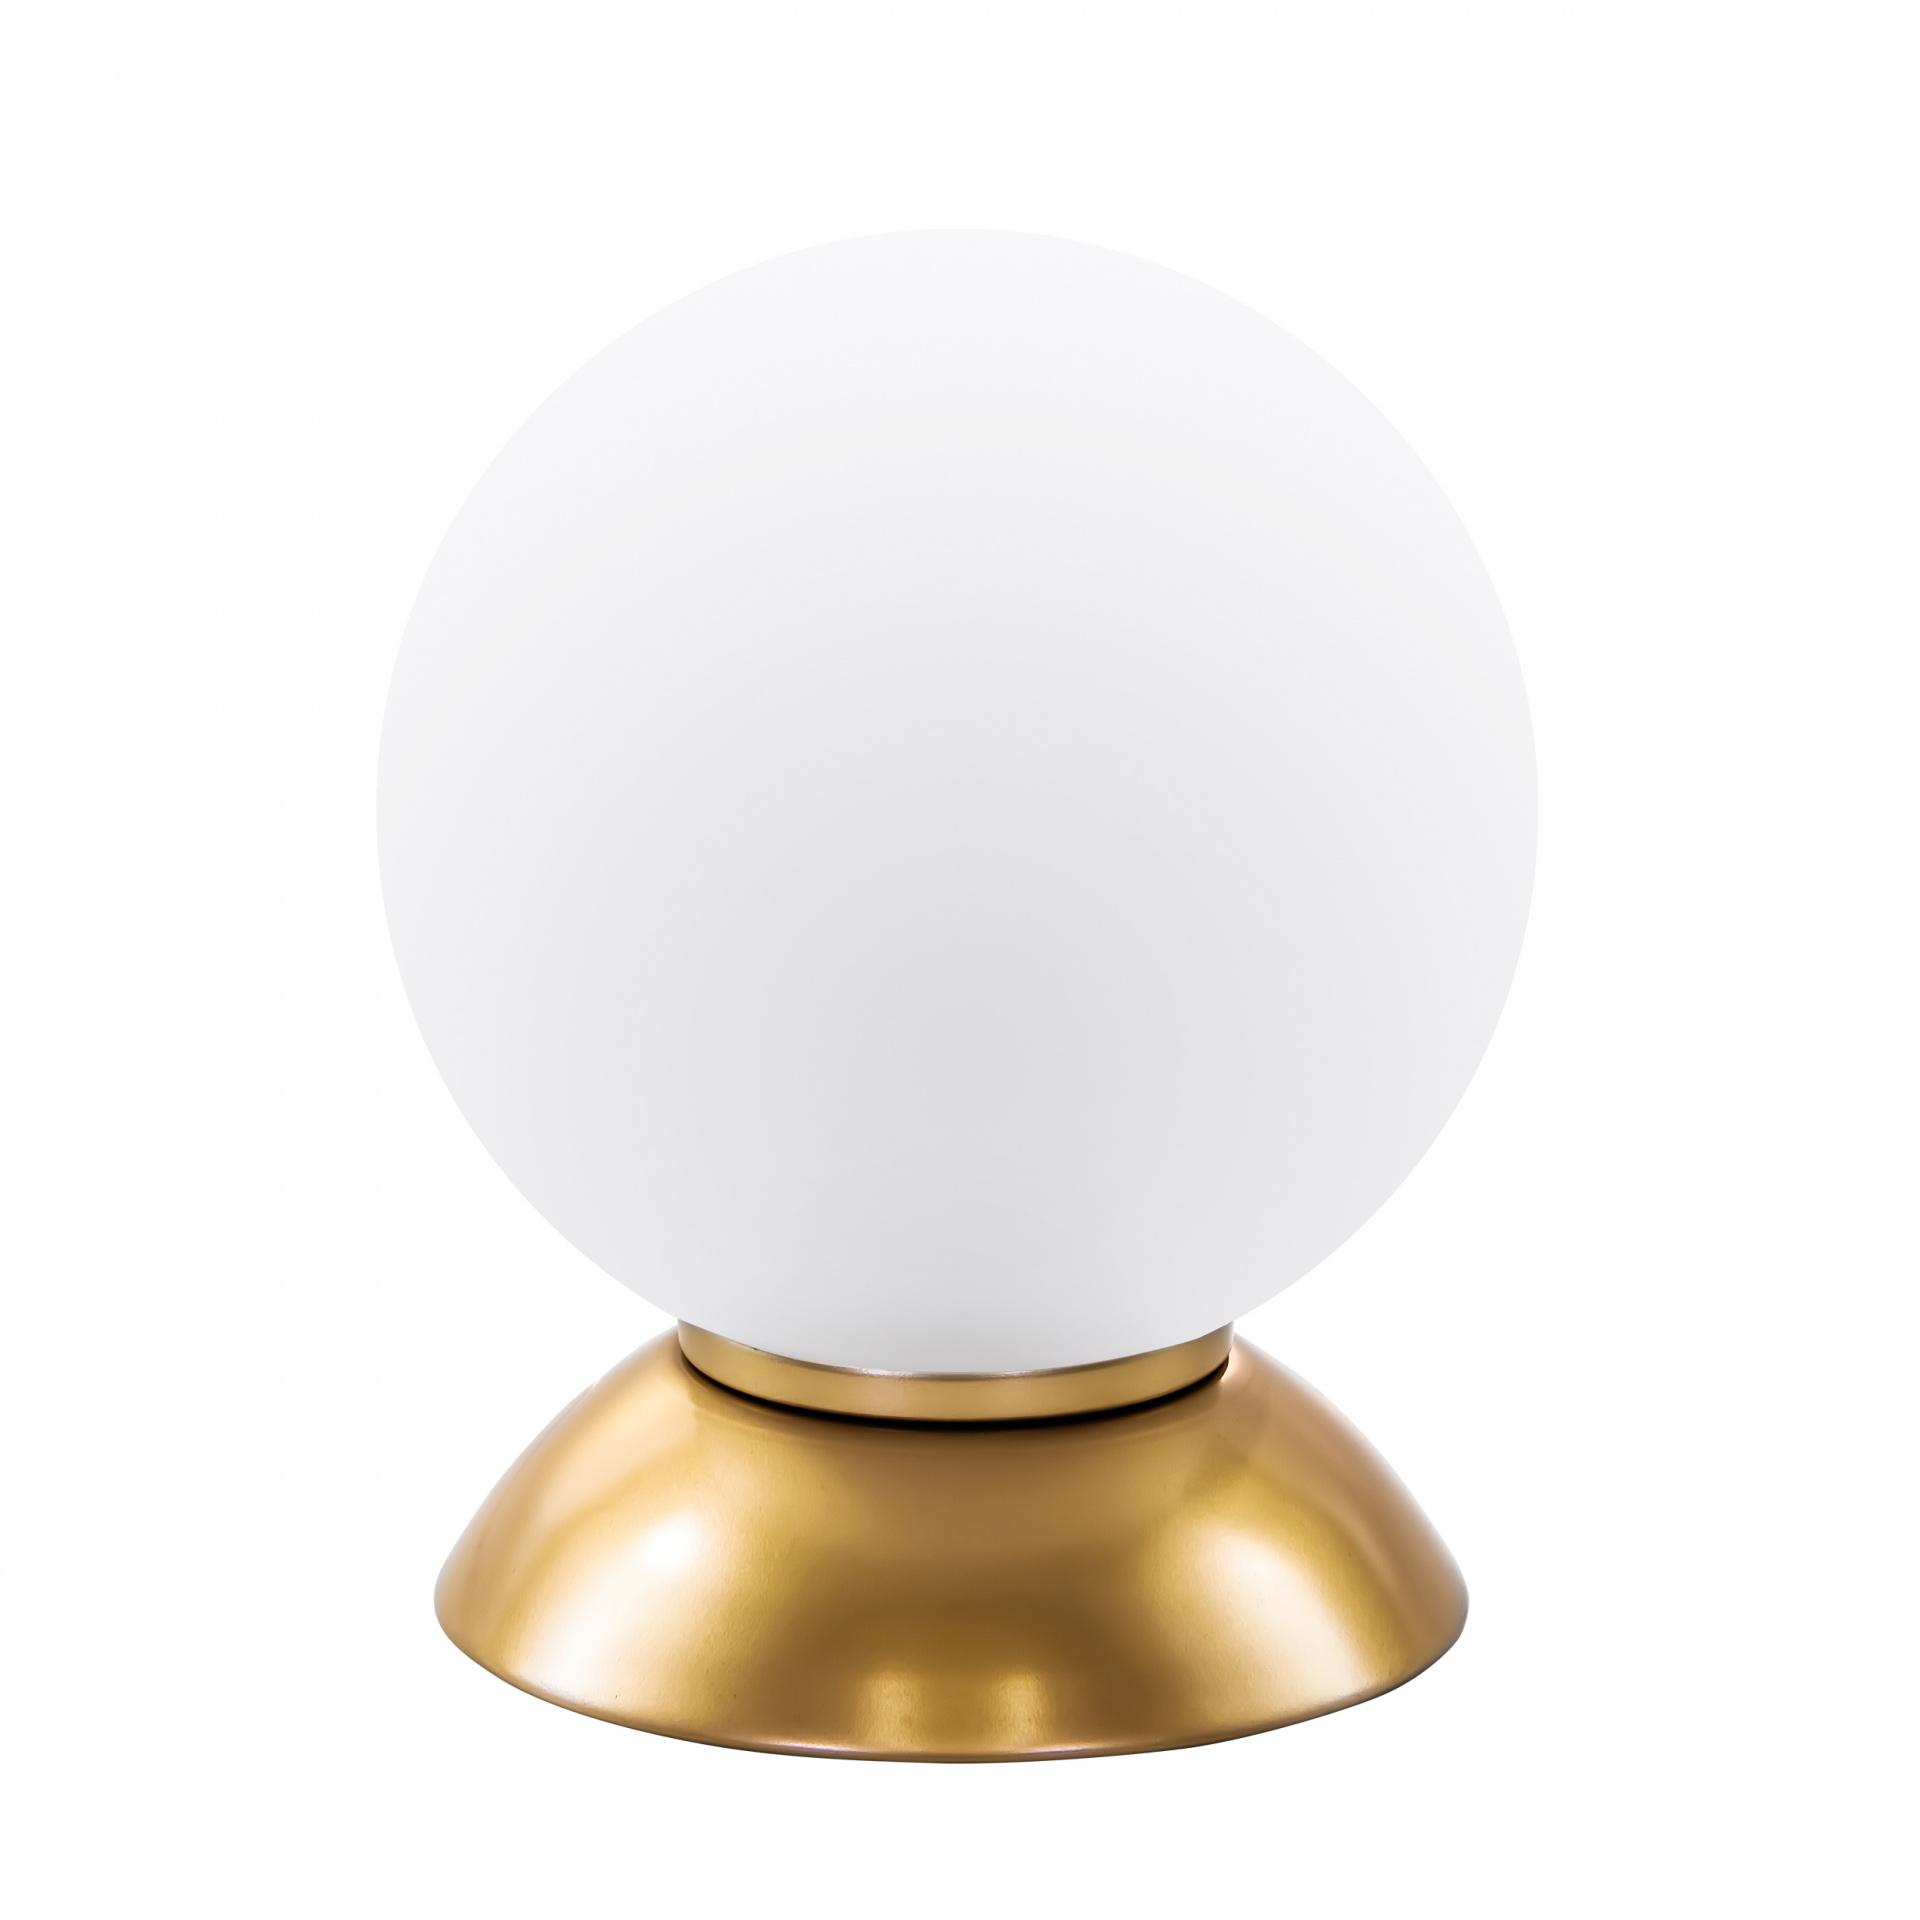 Настольная лампа Globo 1х40W E14 gold / white Lightstar 813912, купить в СПб, Москве, с доставкой, Санкт-Петербург, интернет-магазин люстр и светильников Starlight, фото в жизни